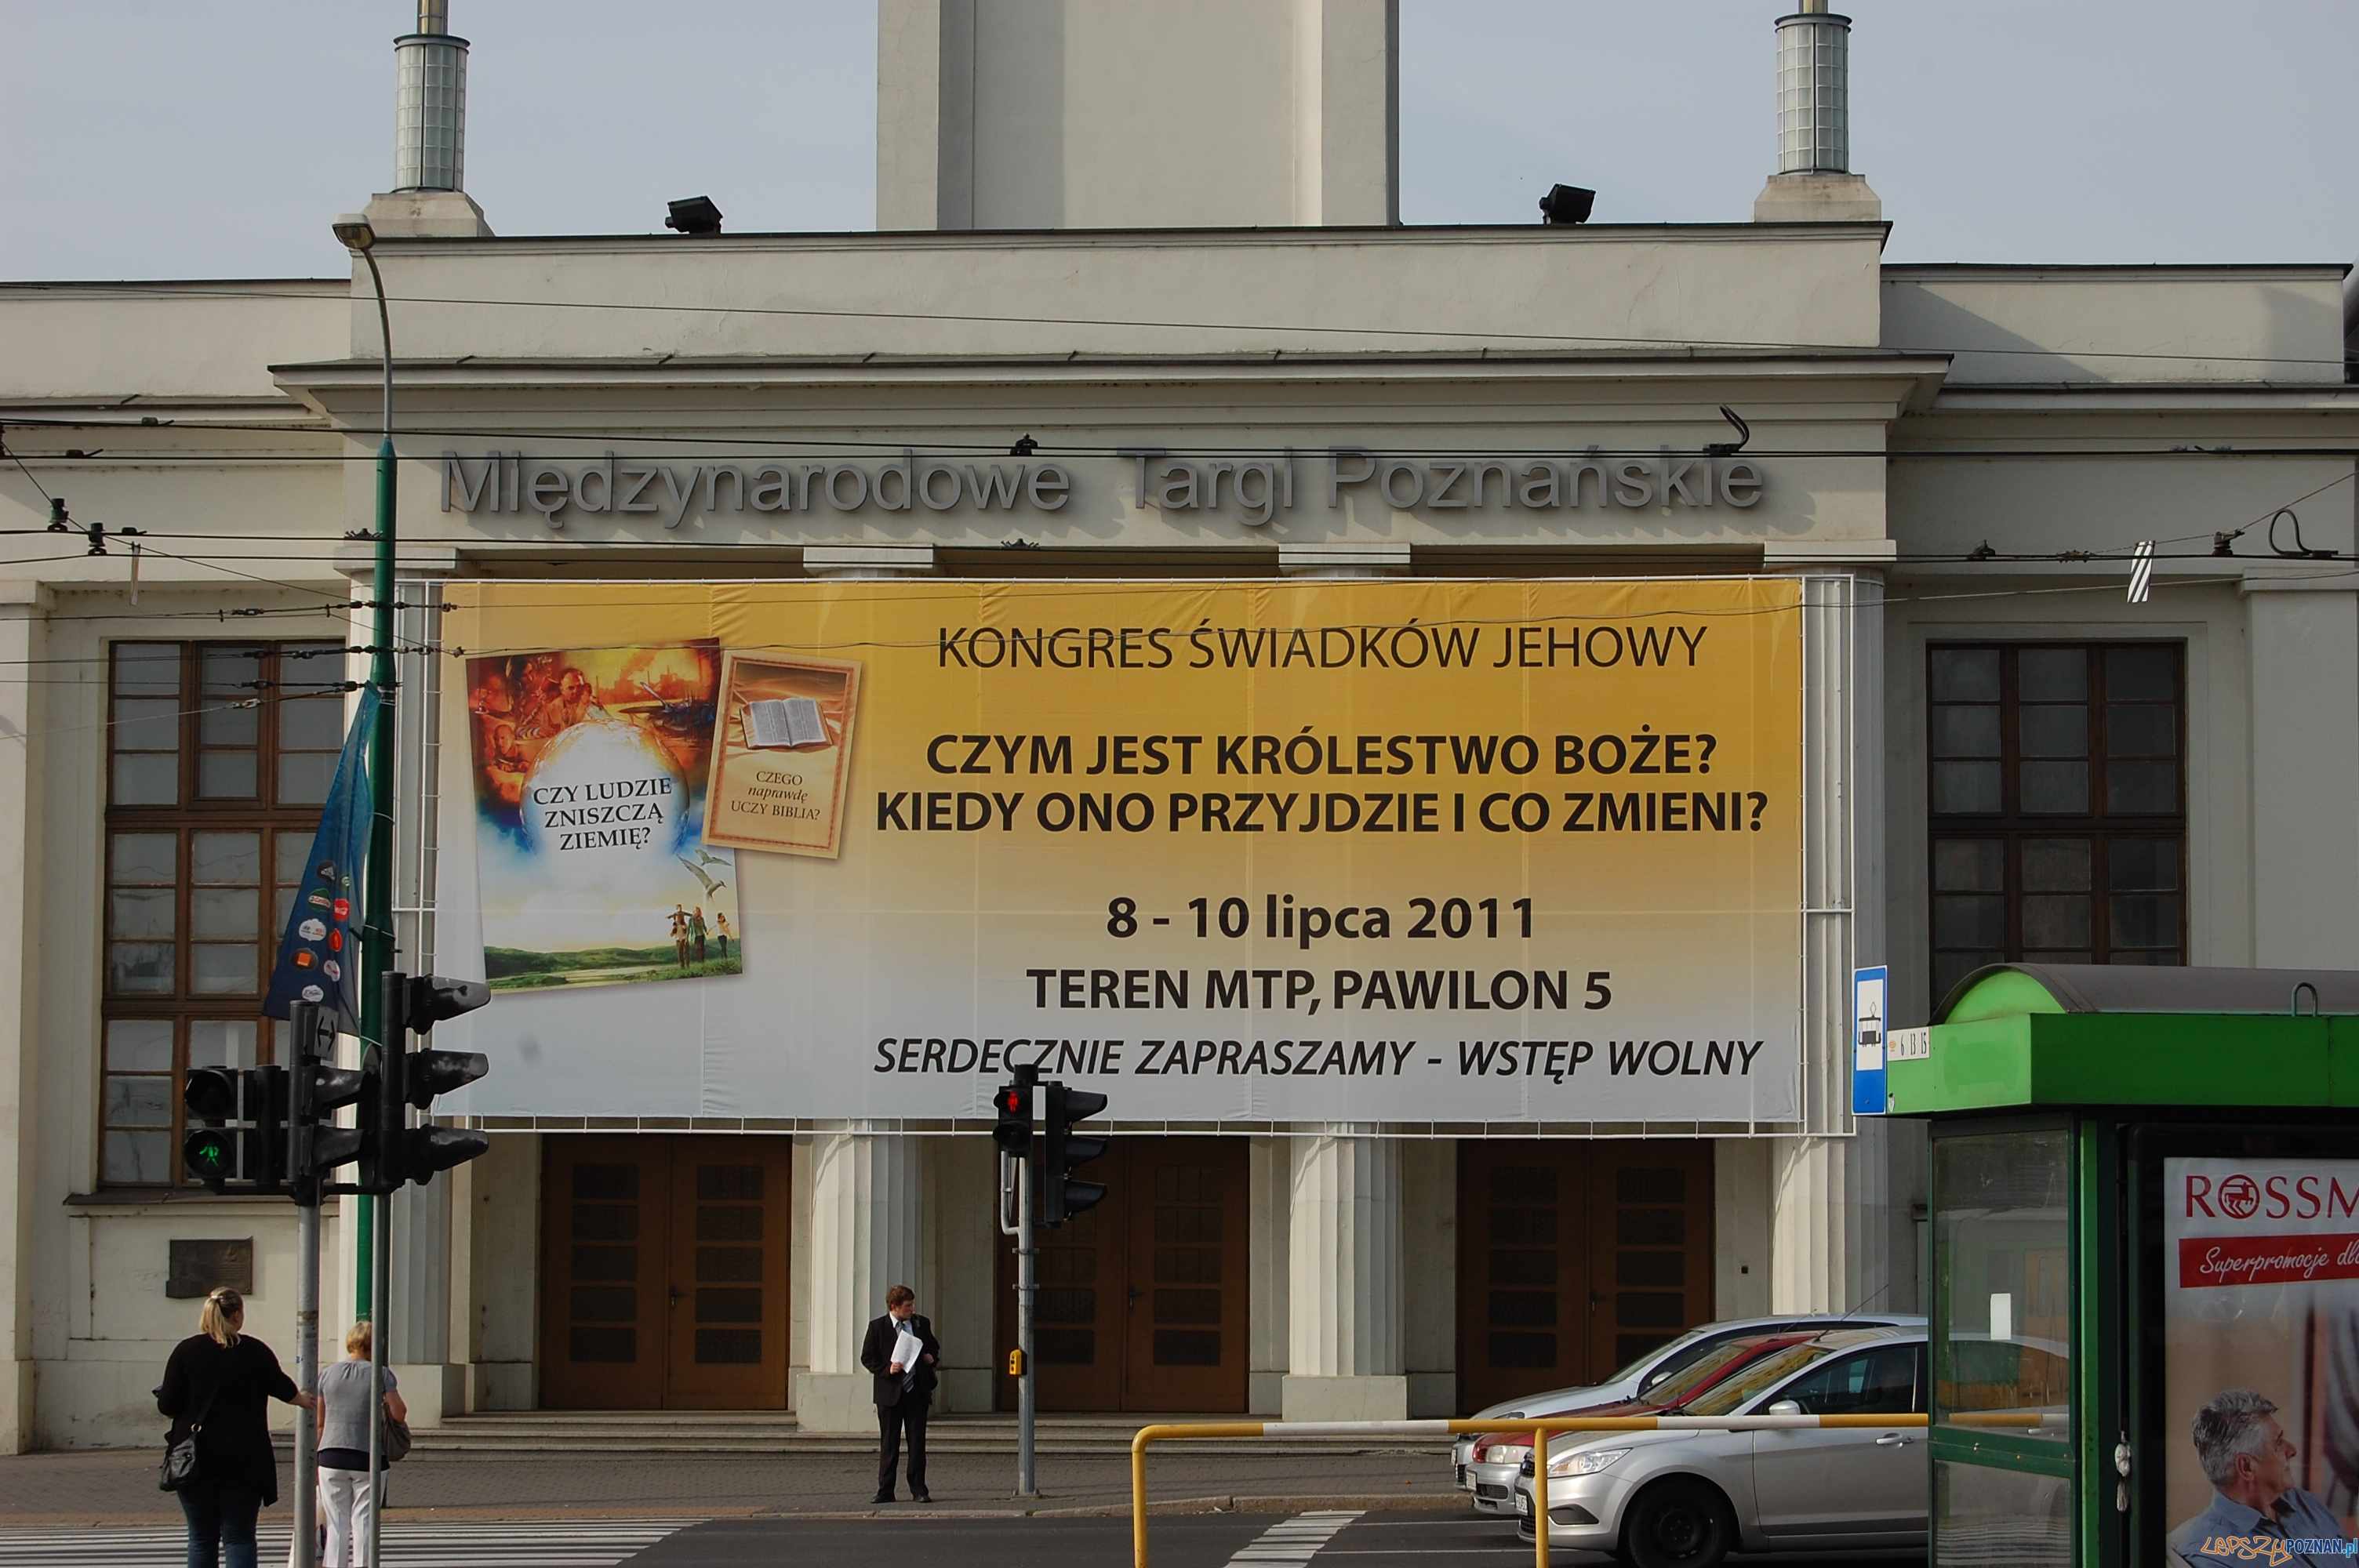 Kongres Świadków Jehowy w Poznaniu  Foto: Kongres Świadków Jehowy w Poznaniu